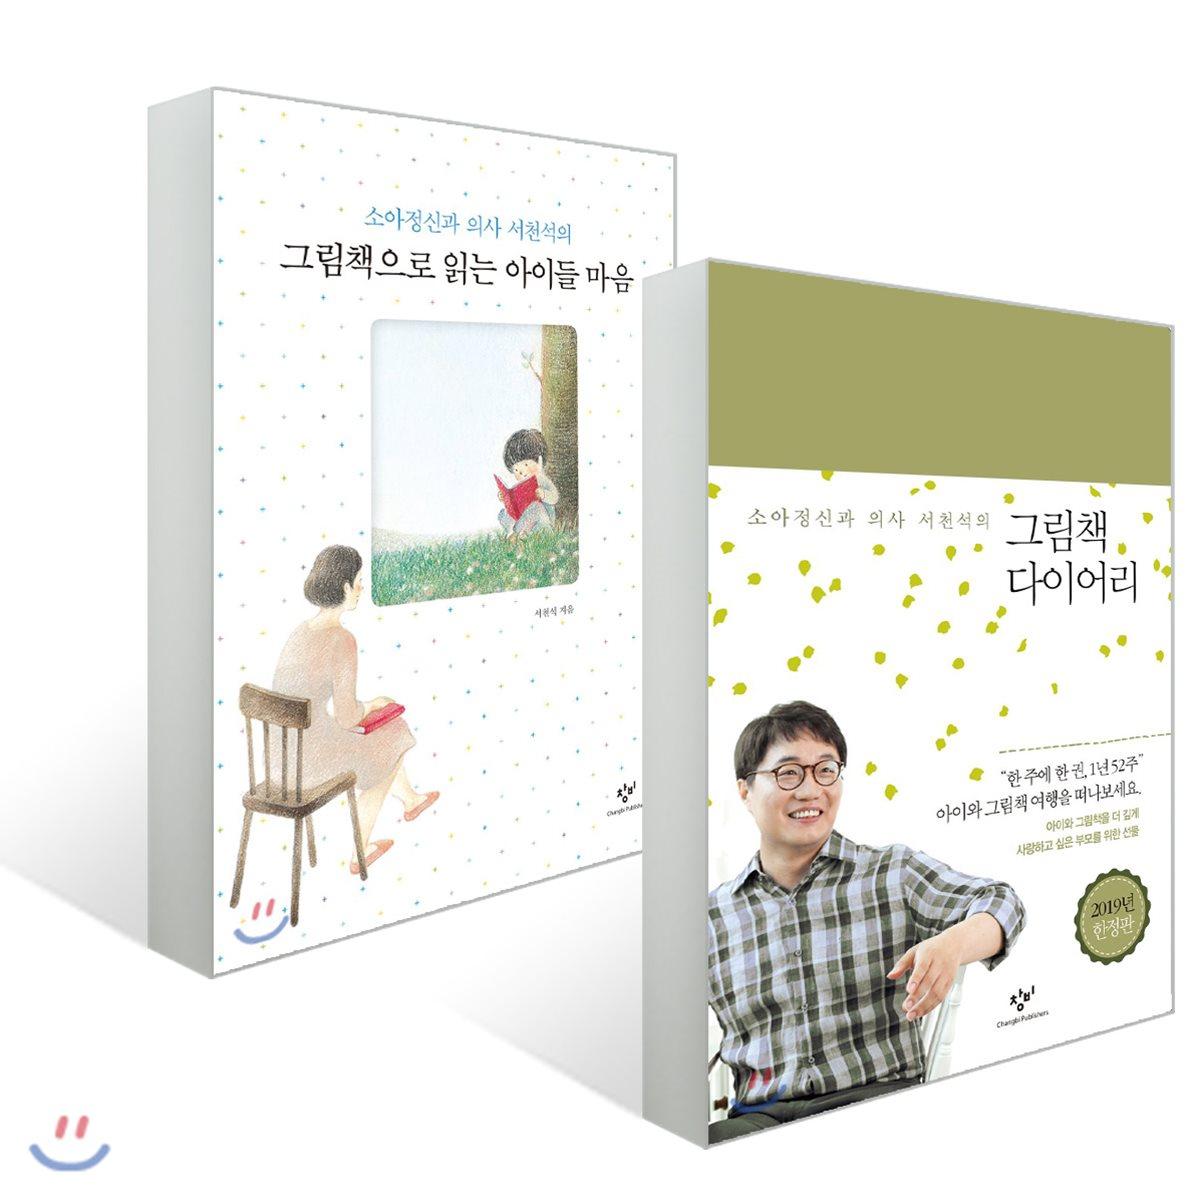 그림책 다이어리 + 그림책으로 읽는 아이들의 마음 세트